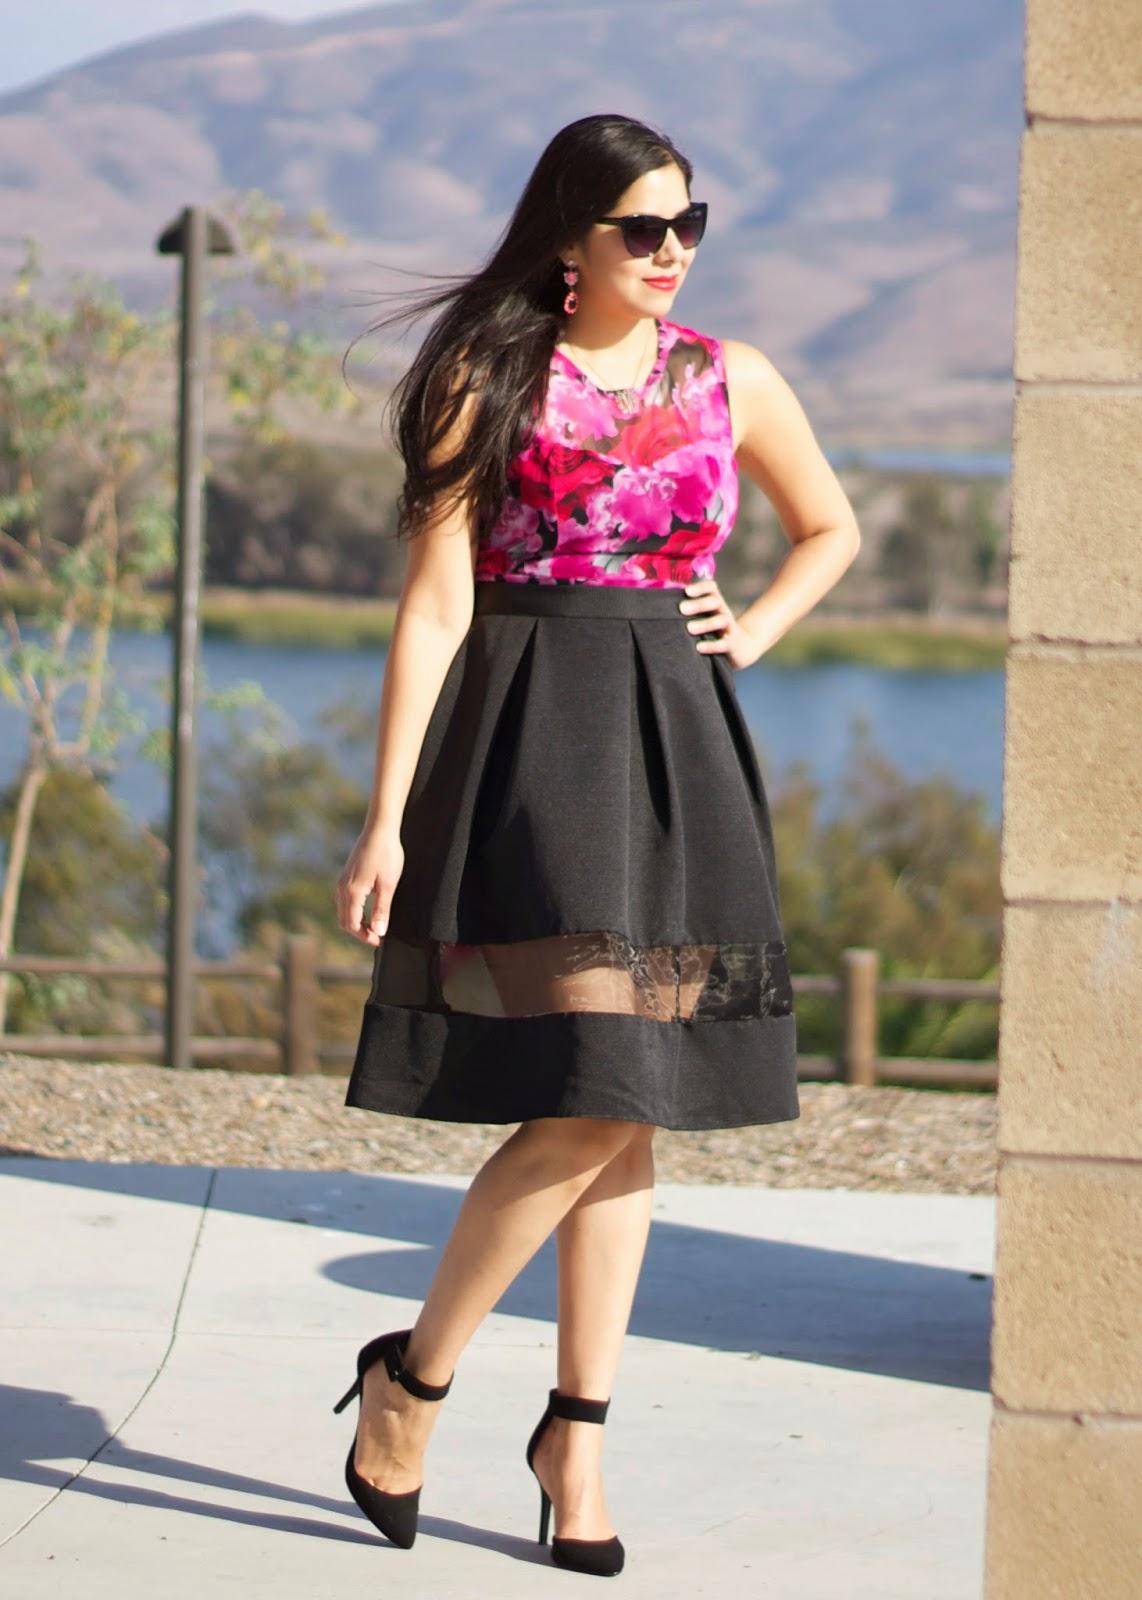 Forever 21 rose print dress